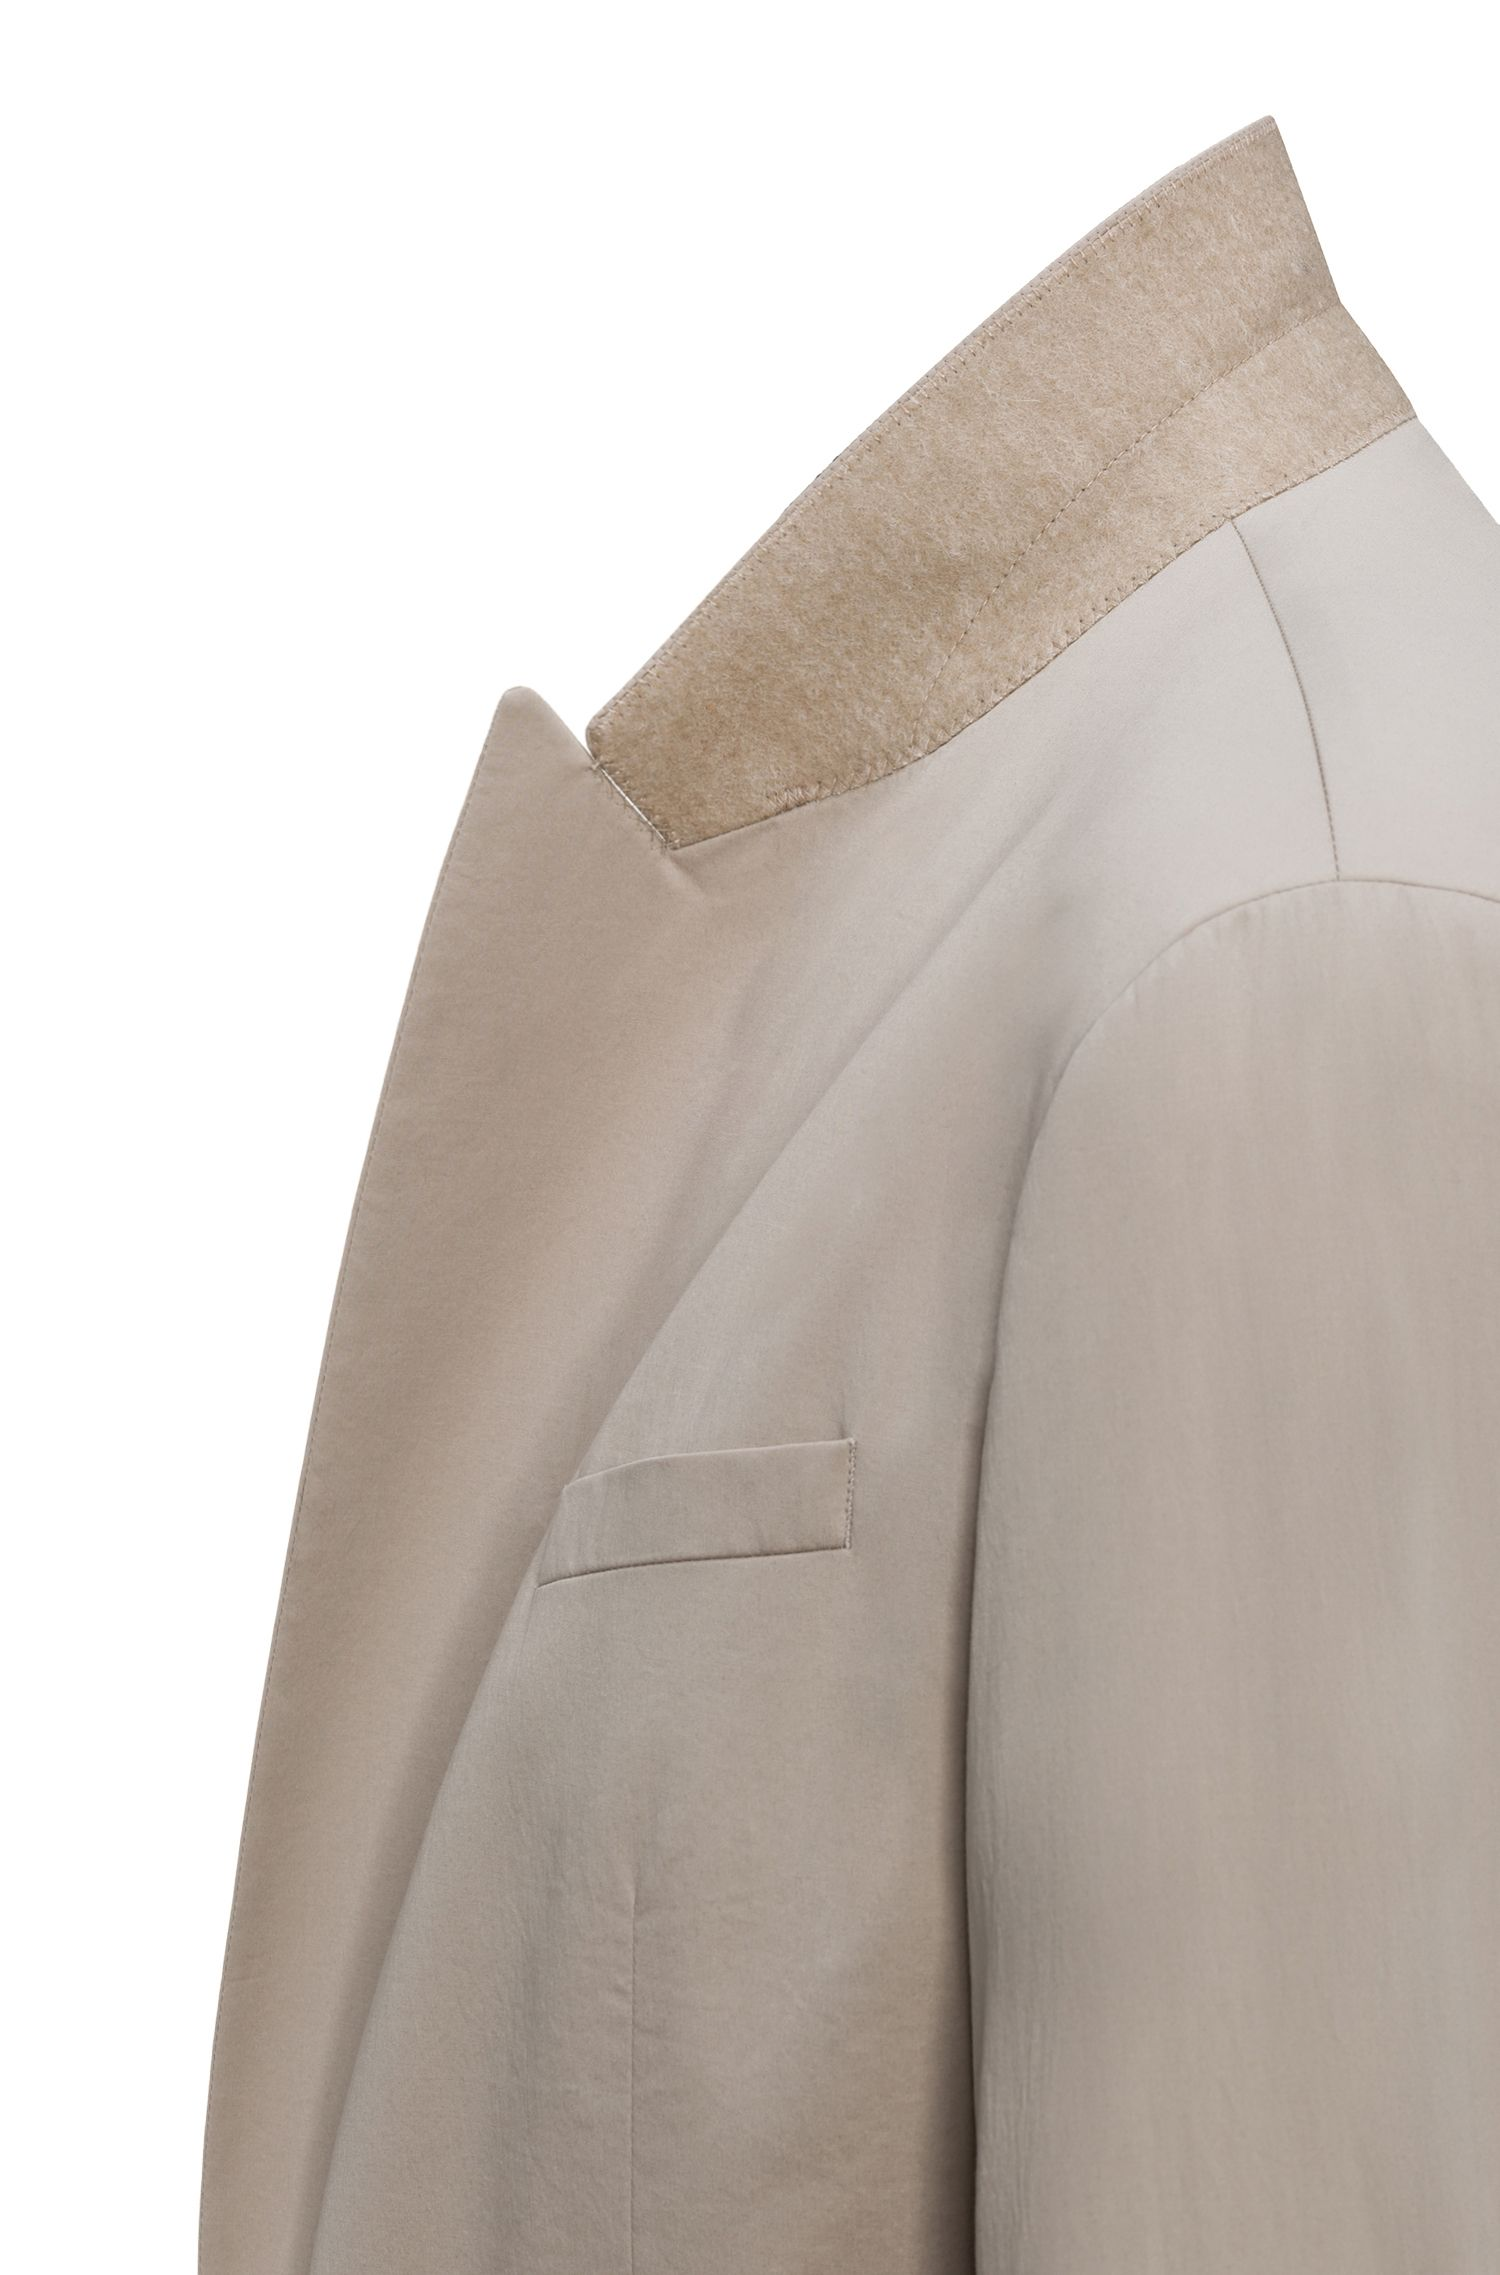 Traje cruzado oversized fit en algodón elástico